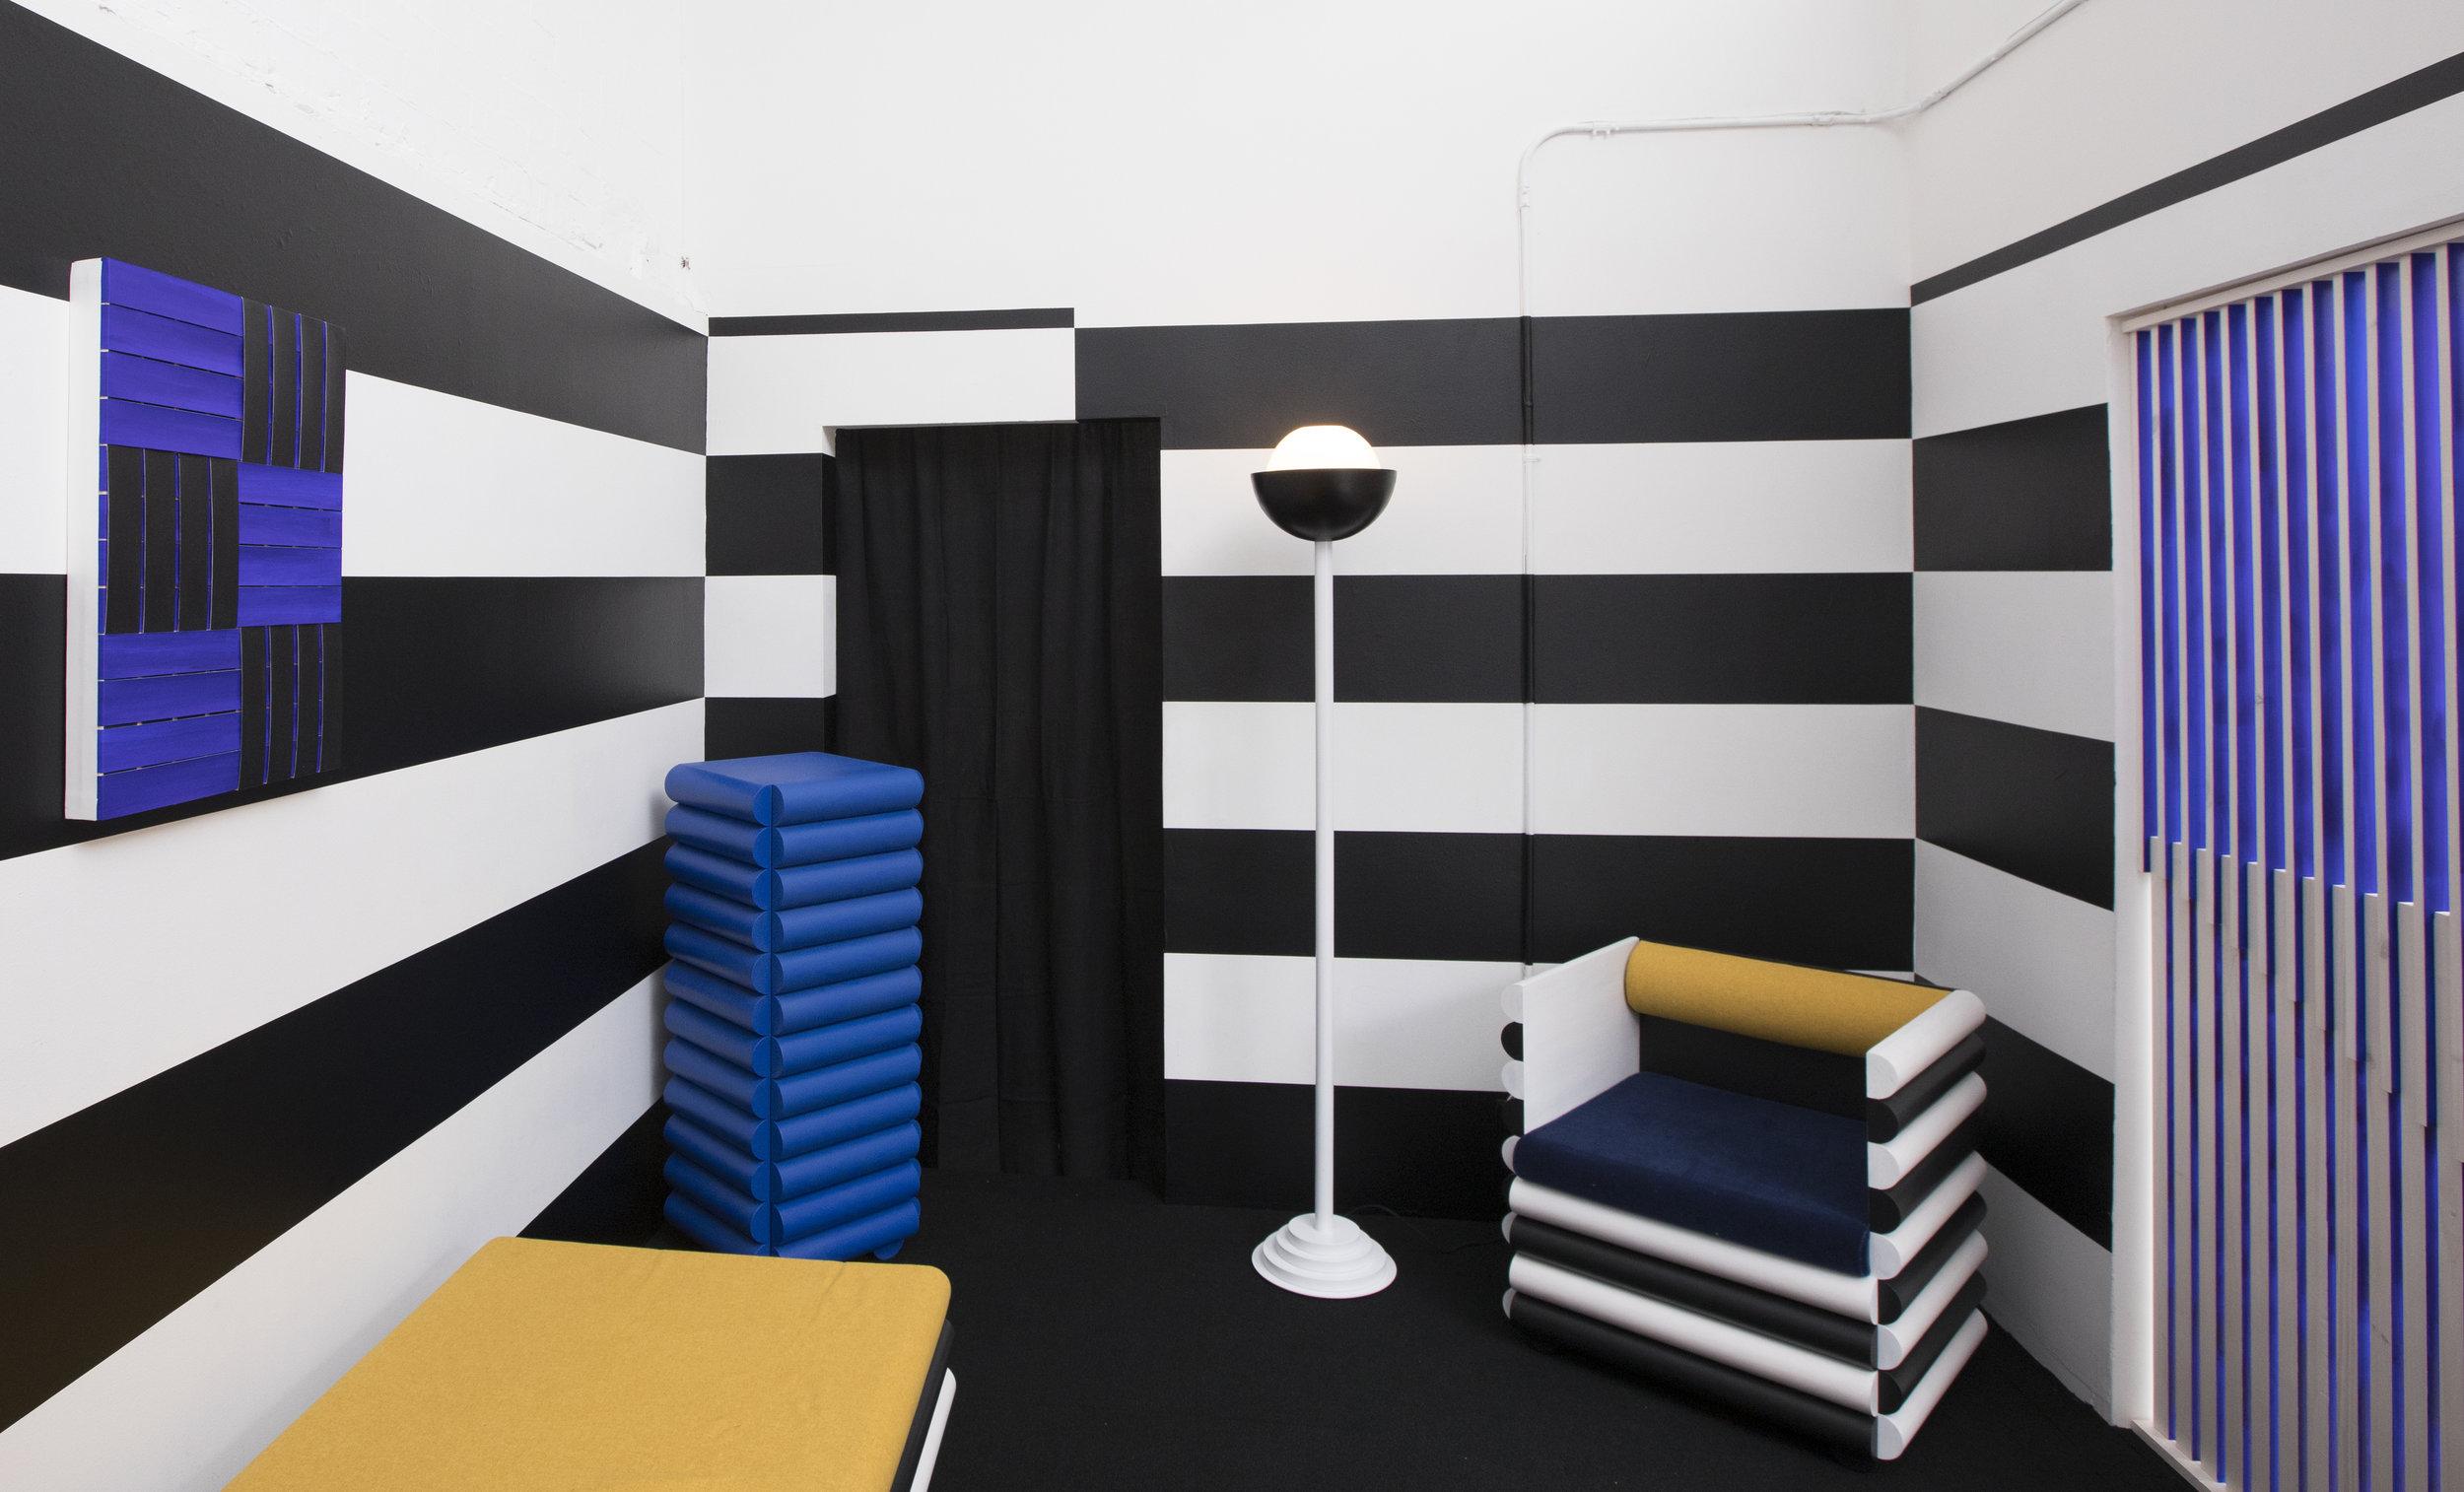 Hotel Tonight_Steven Bukowski x Hannah Bigeleisen_credit Charlie Schuck5.jpg